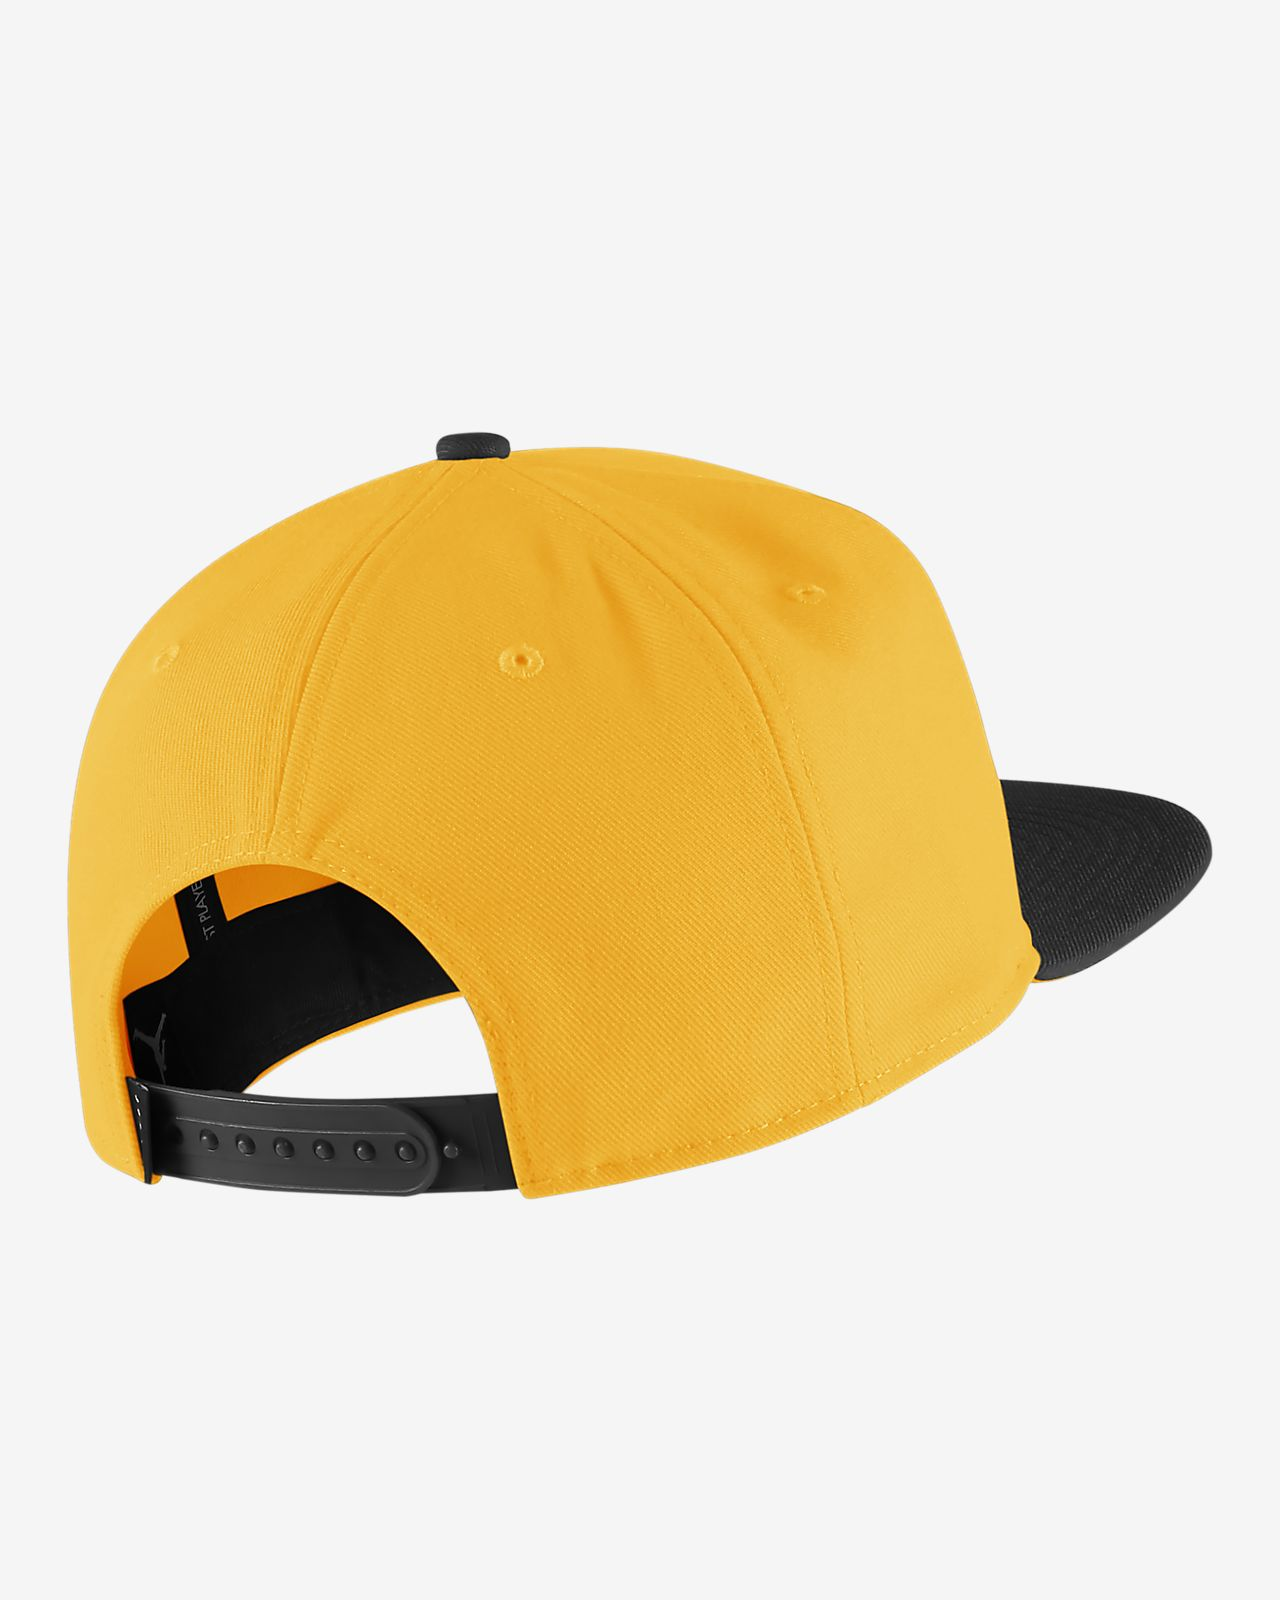 7ec29c87f Jordan Pro Jumpman Snapback Hat